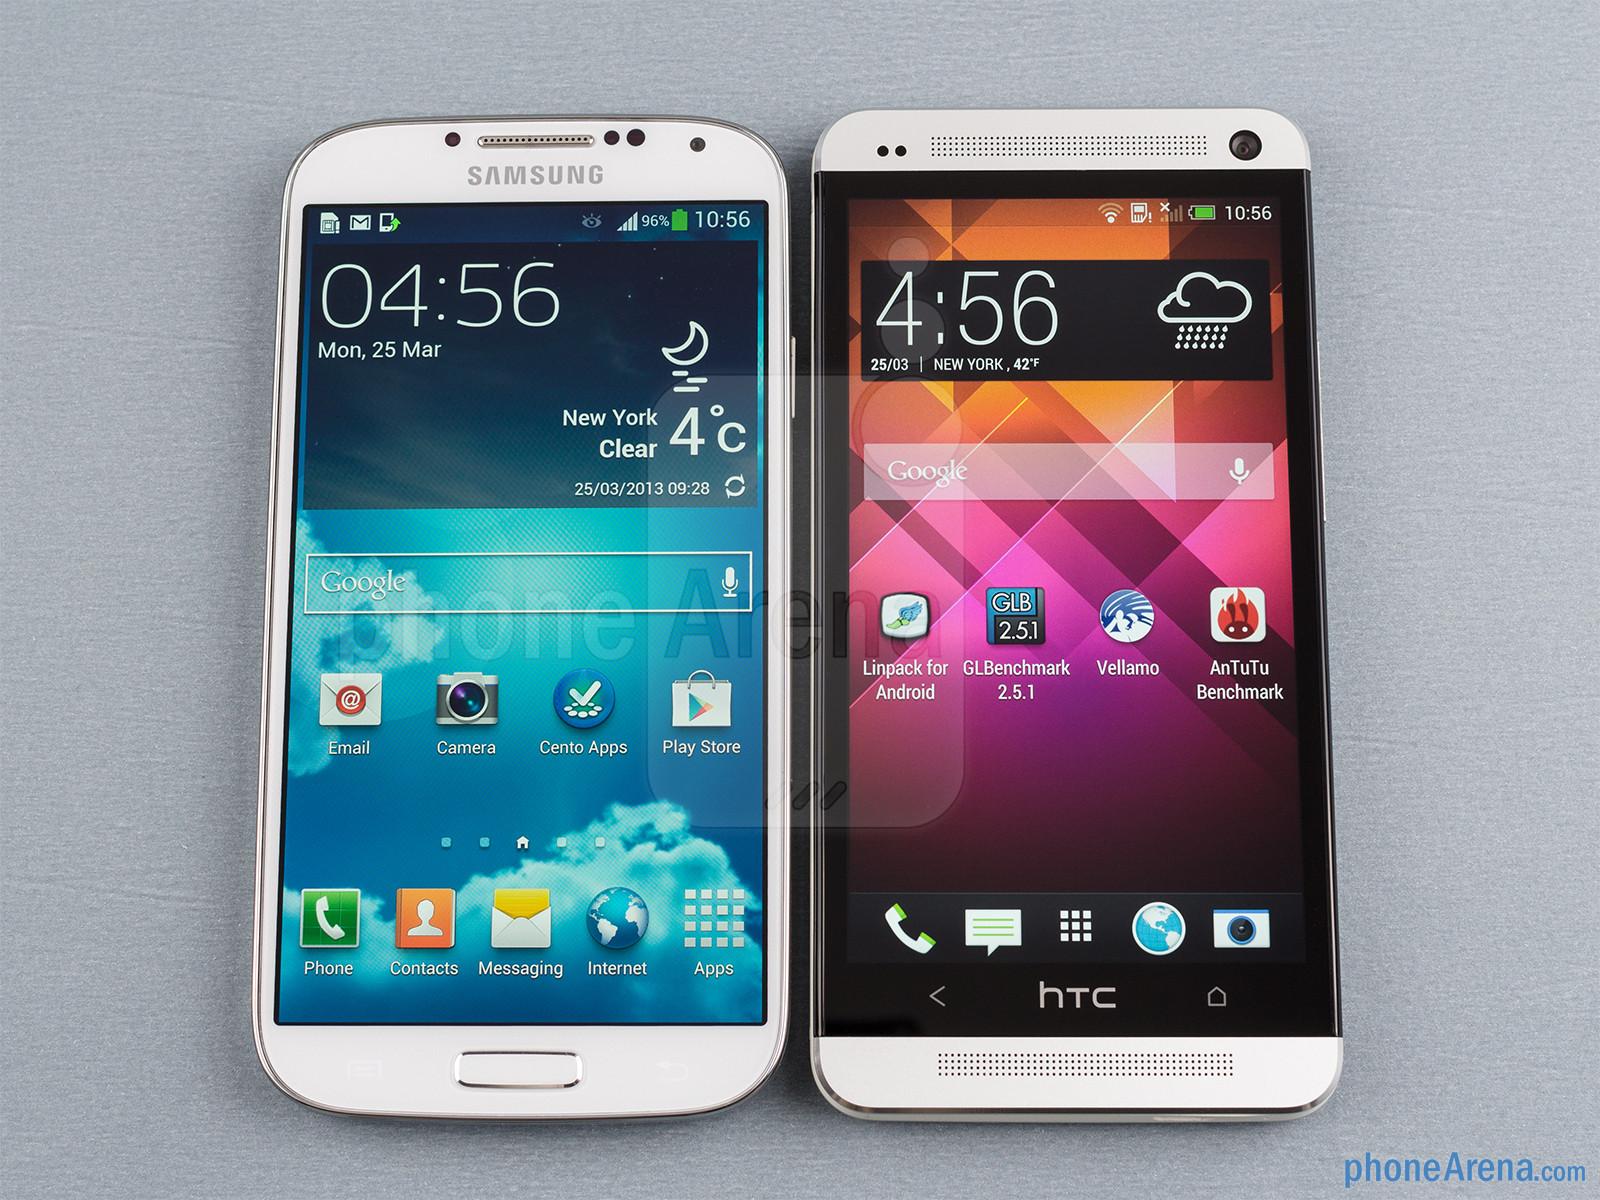 Samsung galaxy s4 vs htc one comparaison entre 2 des meilleurs